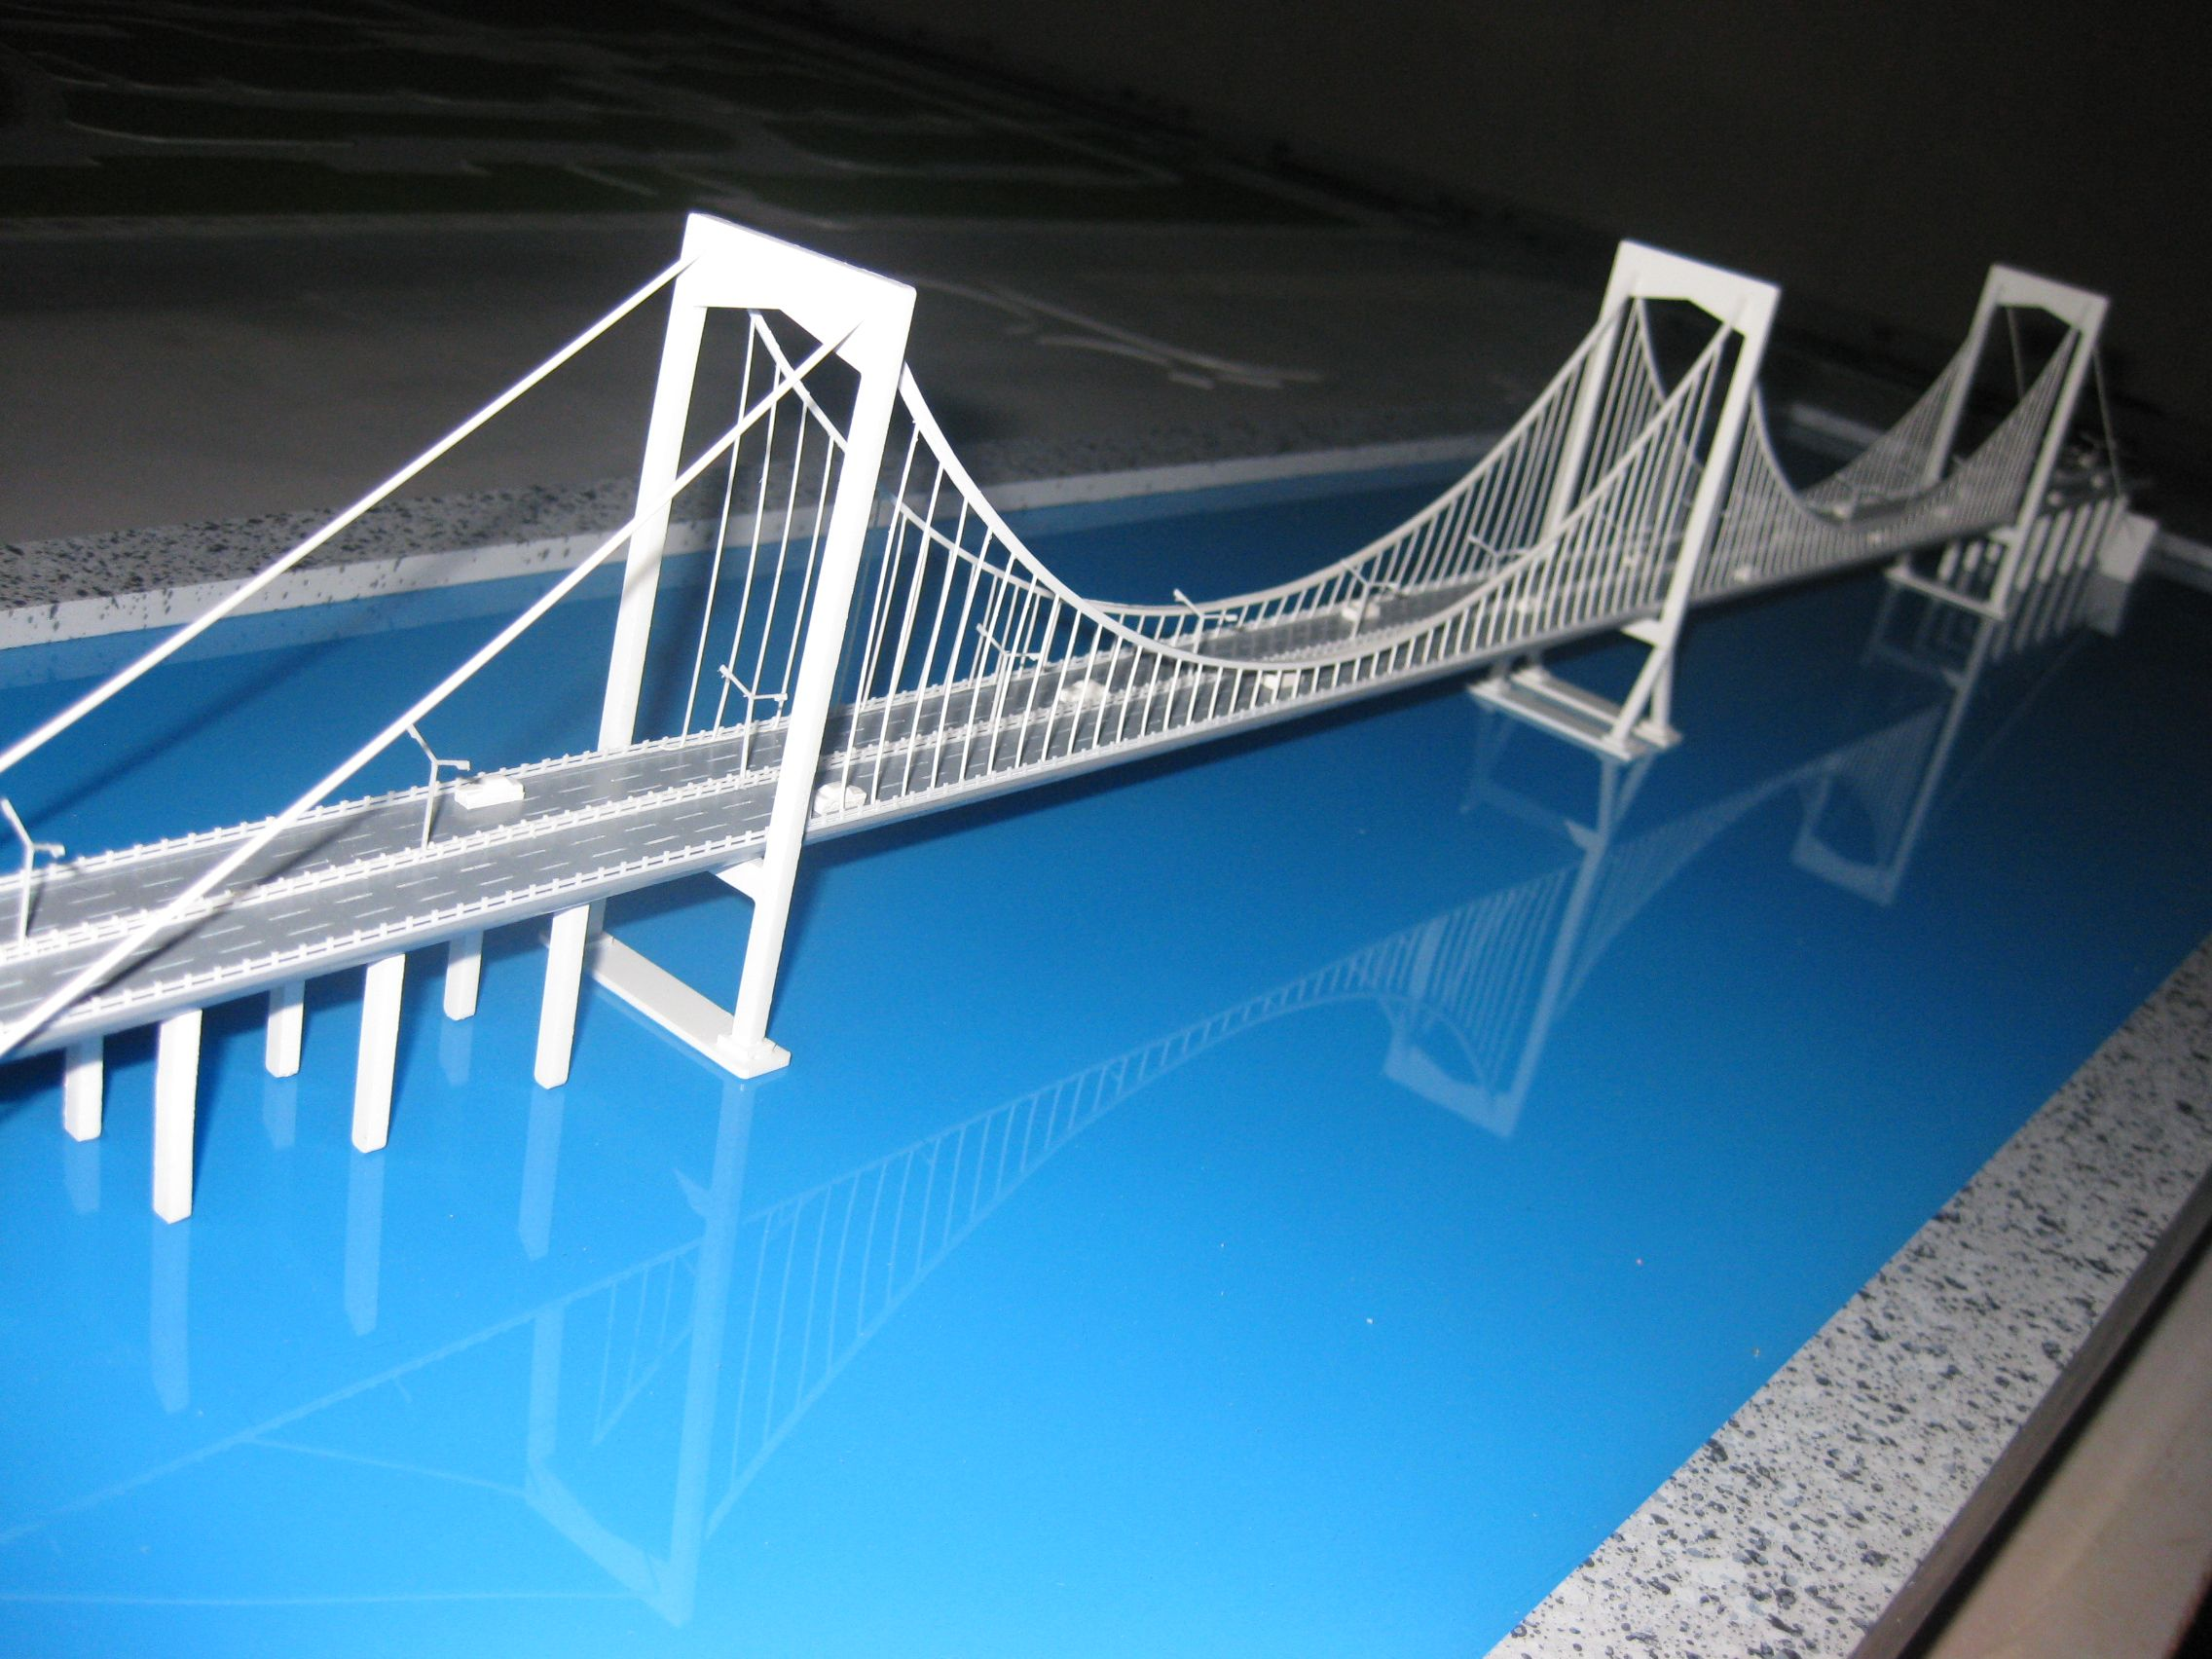 无锡模型常州模型苏州沙盘模型江阴机械模型公司溧阳规划沙盘张家港沙盘制作价格咨询